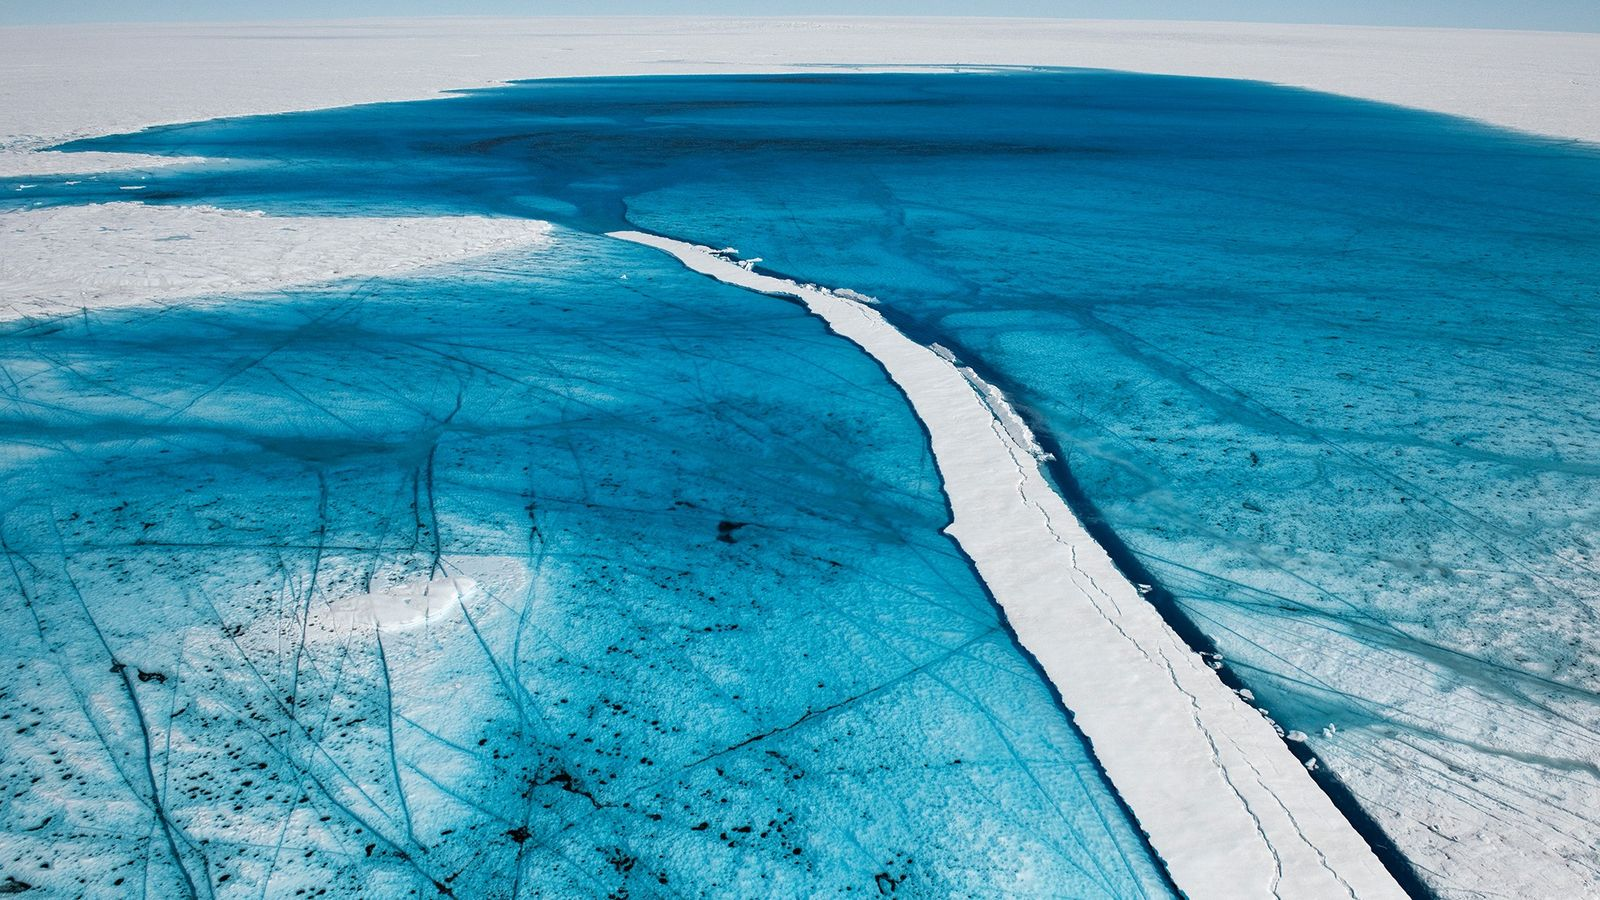 Águas derretidas durante o verão se acumulam em um lago na superfície da camada de gelo ...